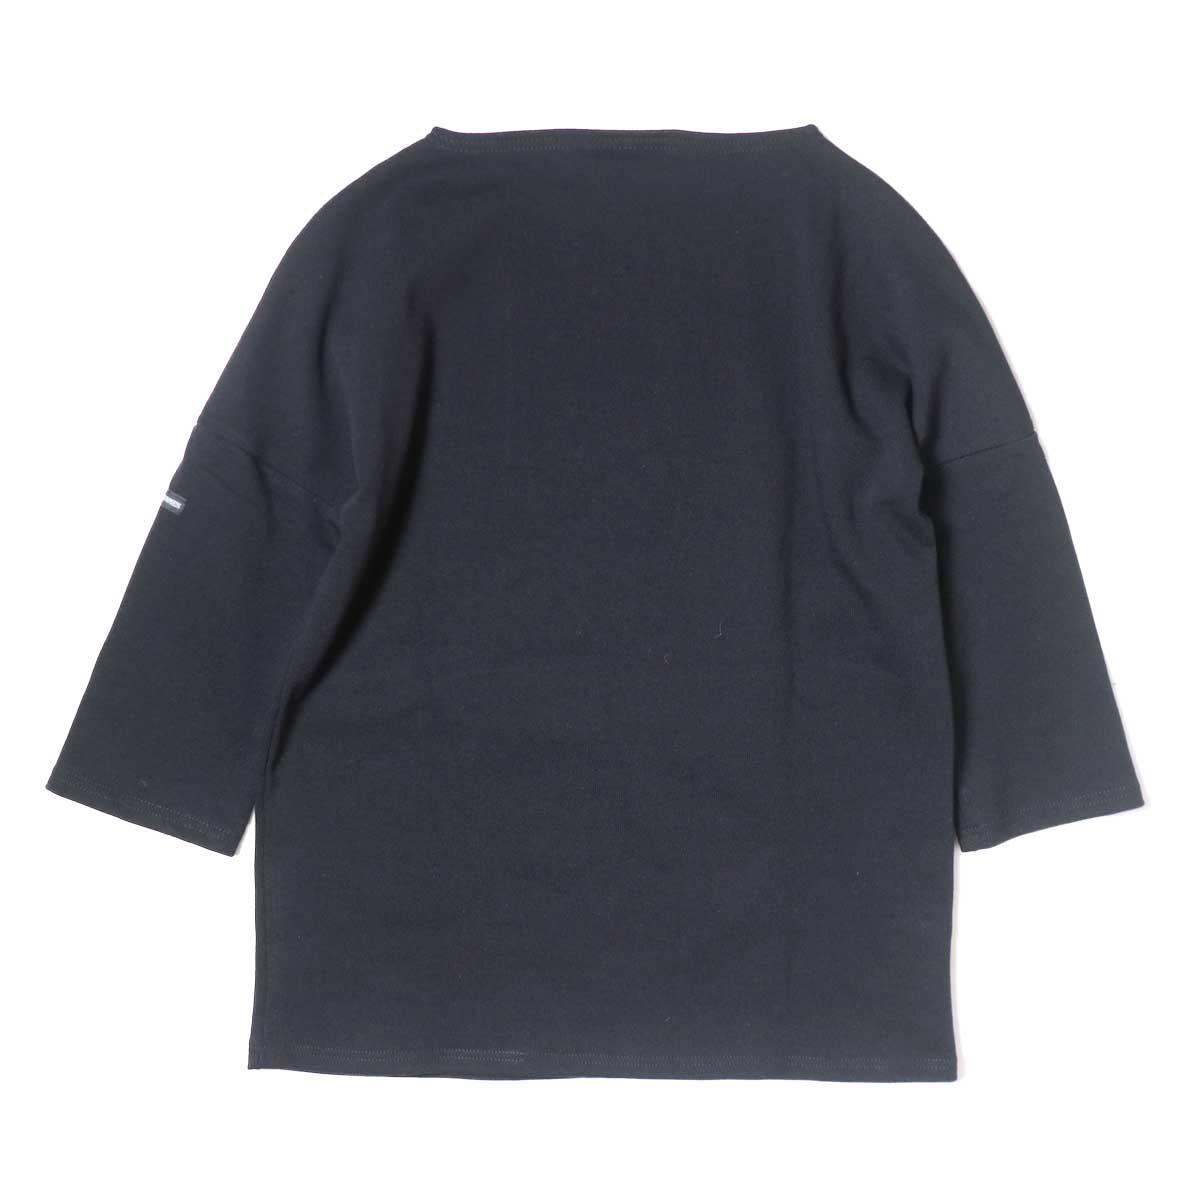 SAINT JAMES / CRAZSLOU (七分袖ドロップショルダー)(Noir) 背面